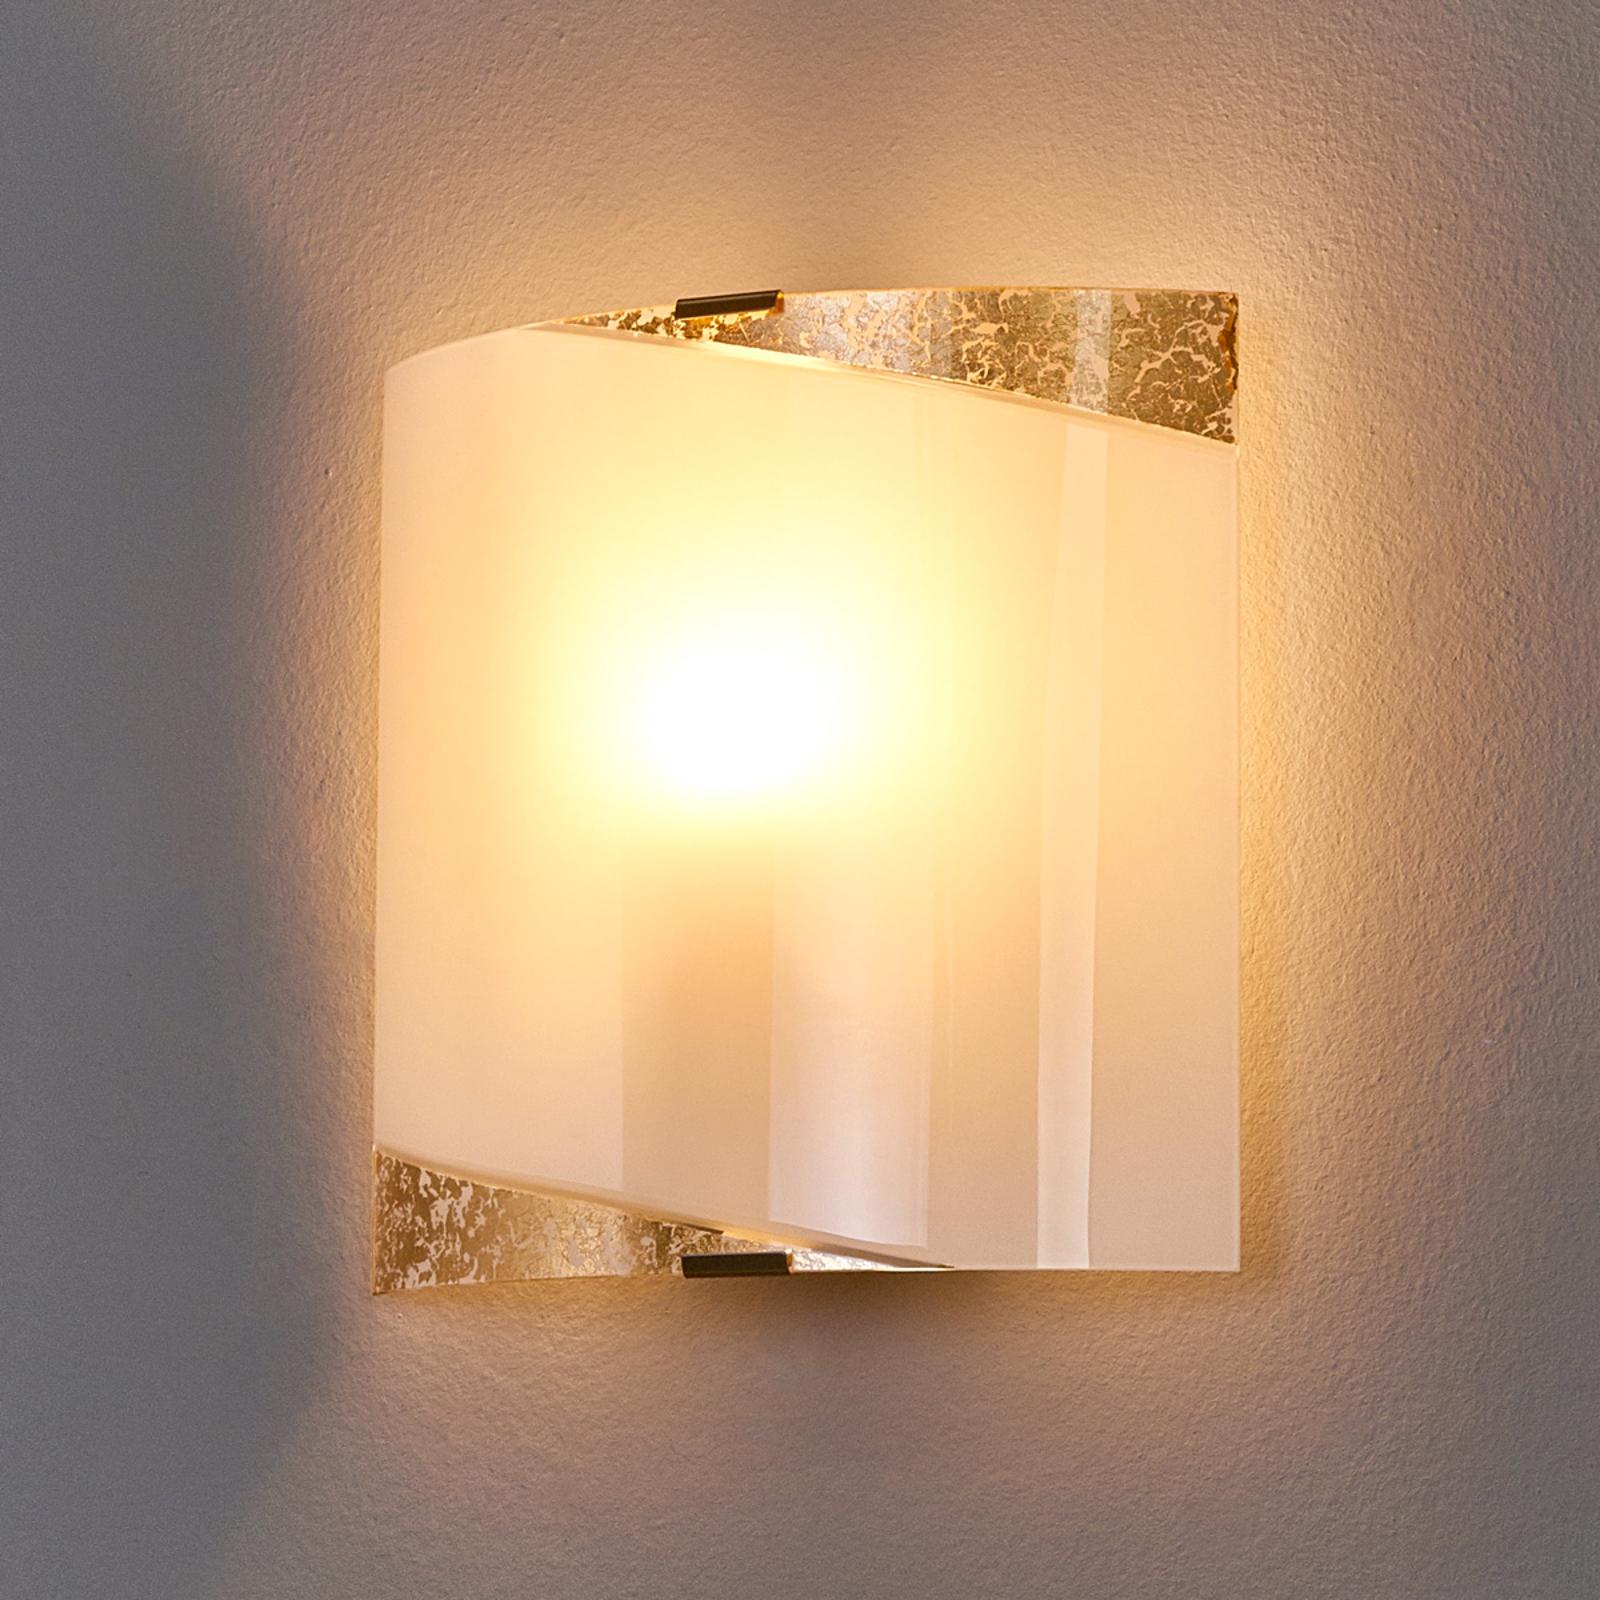 Beatrice - lampada da parete con applicazioni oro